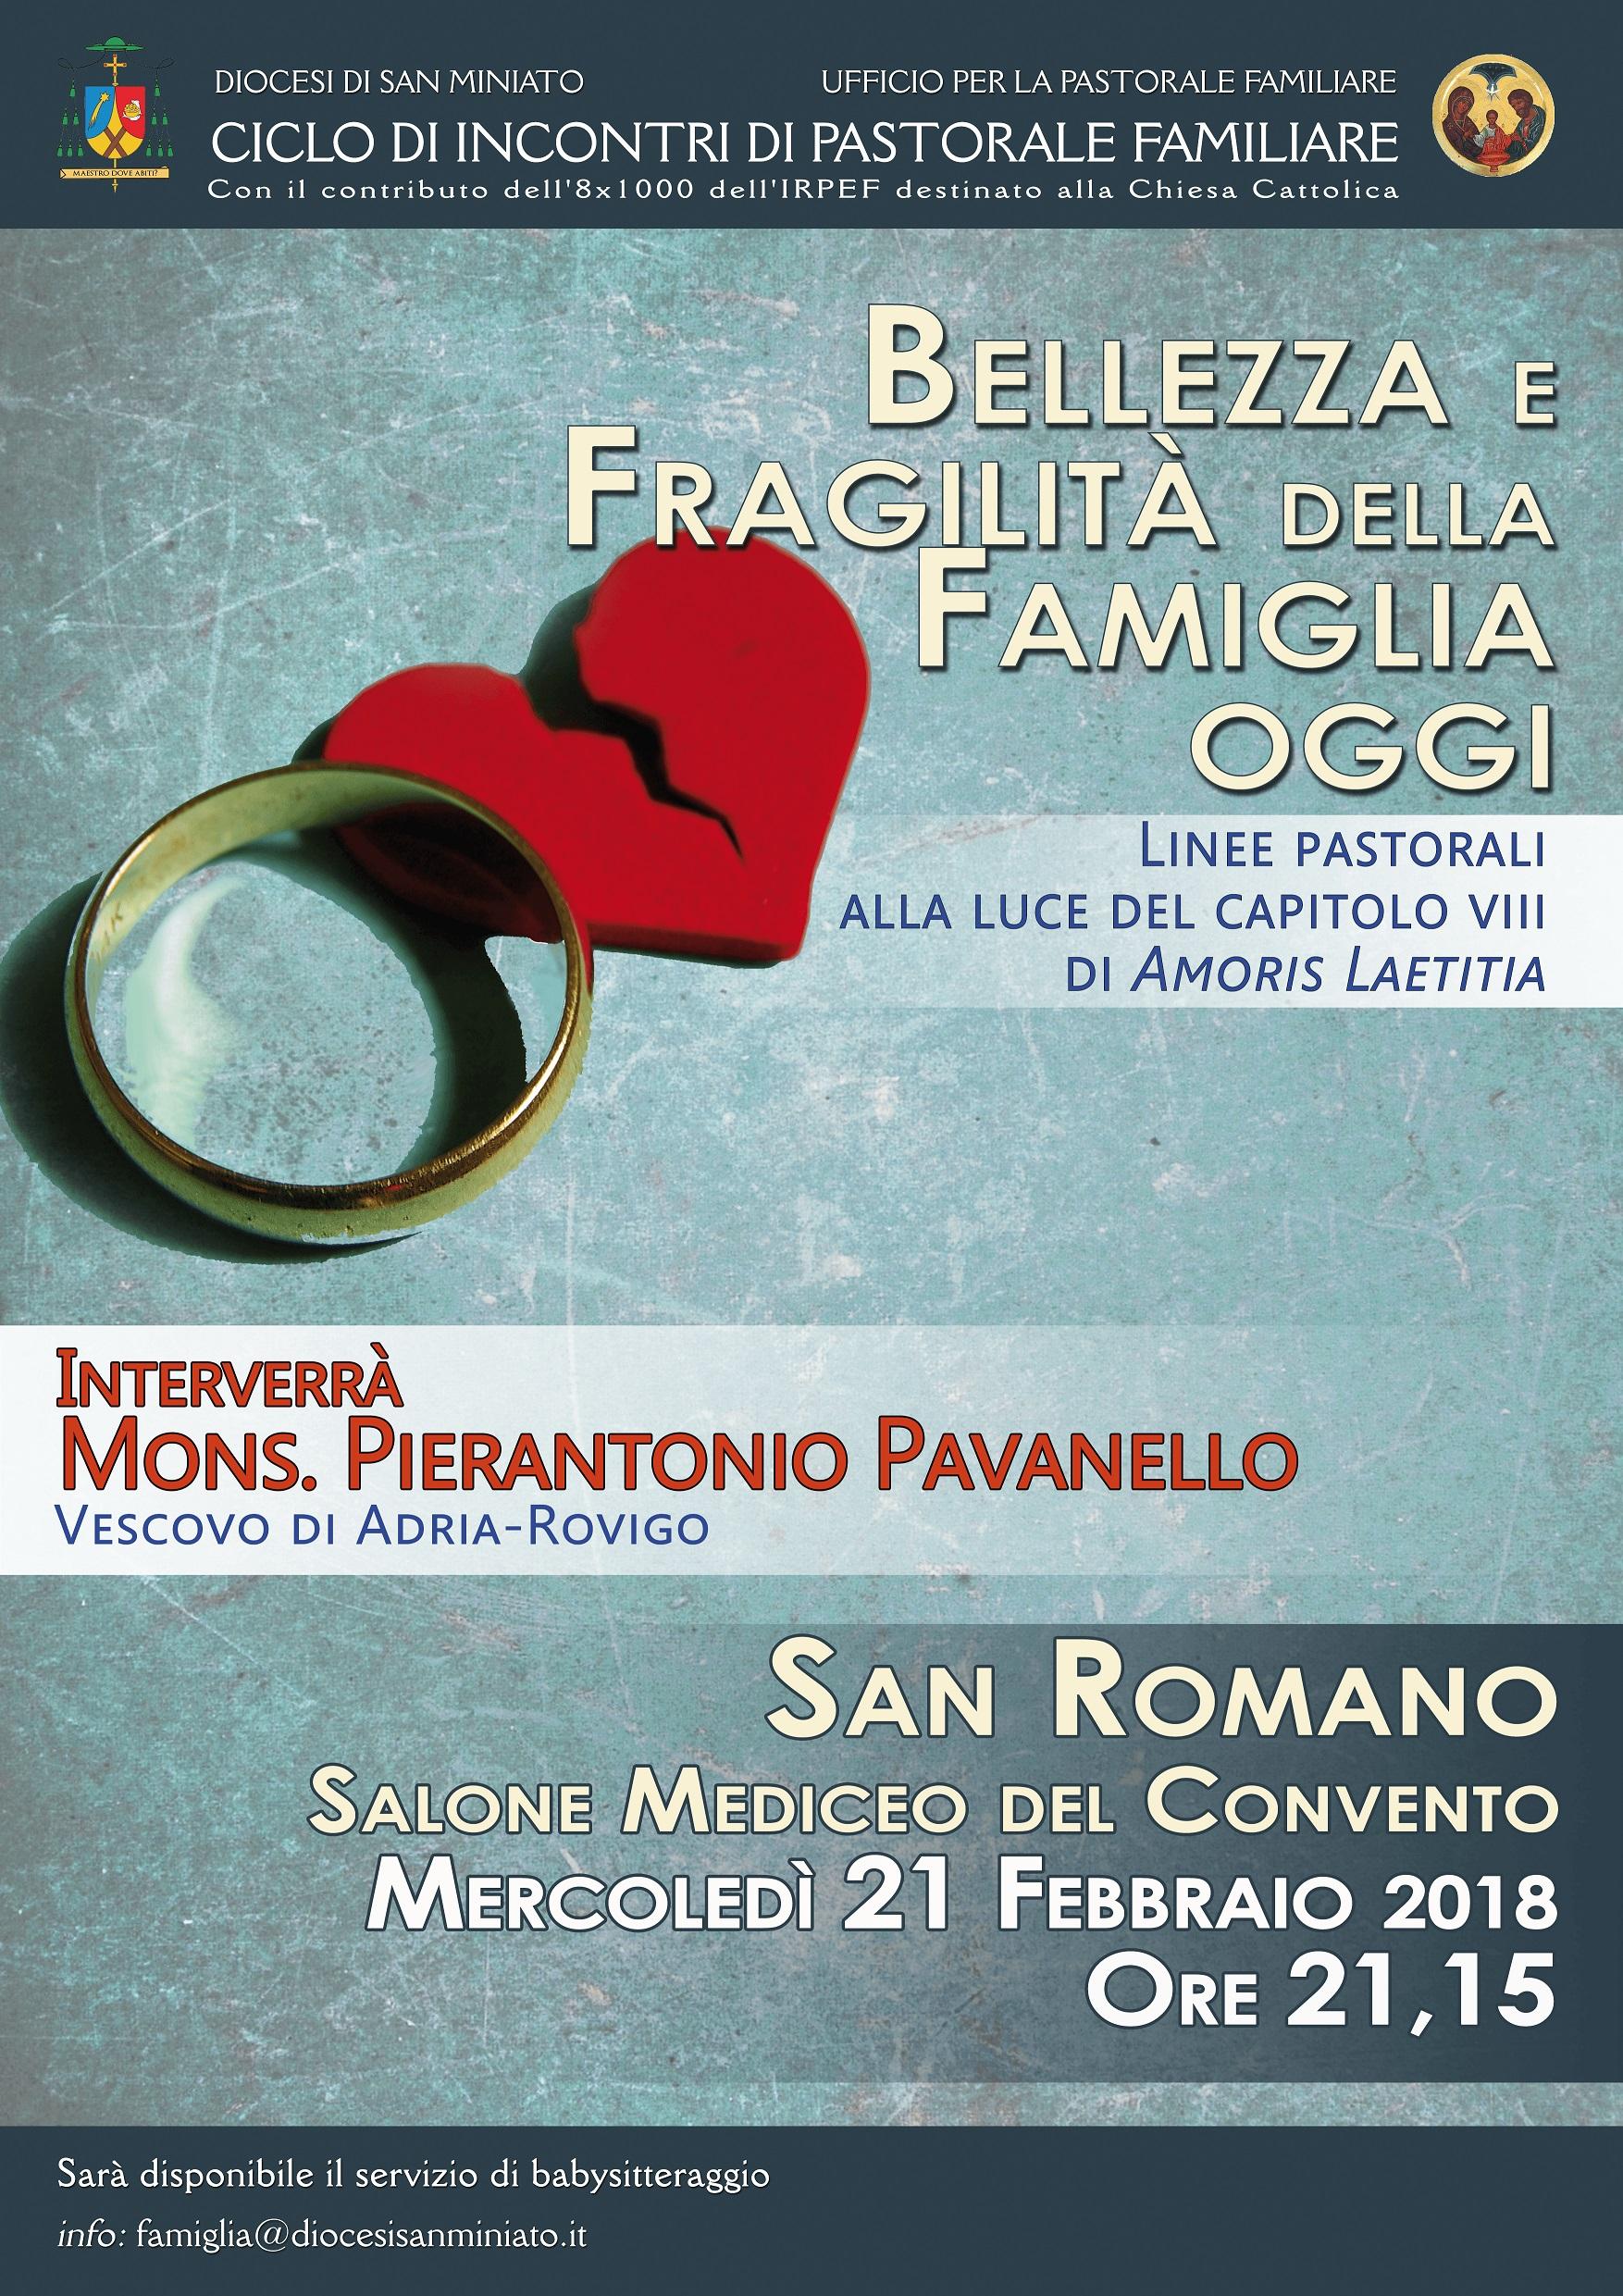 Bellezza e Fragilità della Famiglia oggi – Incontro su Amoris Laetitia al Convento di San Romano